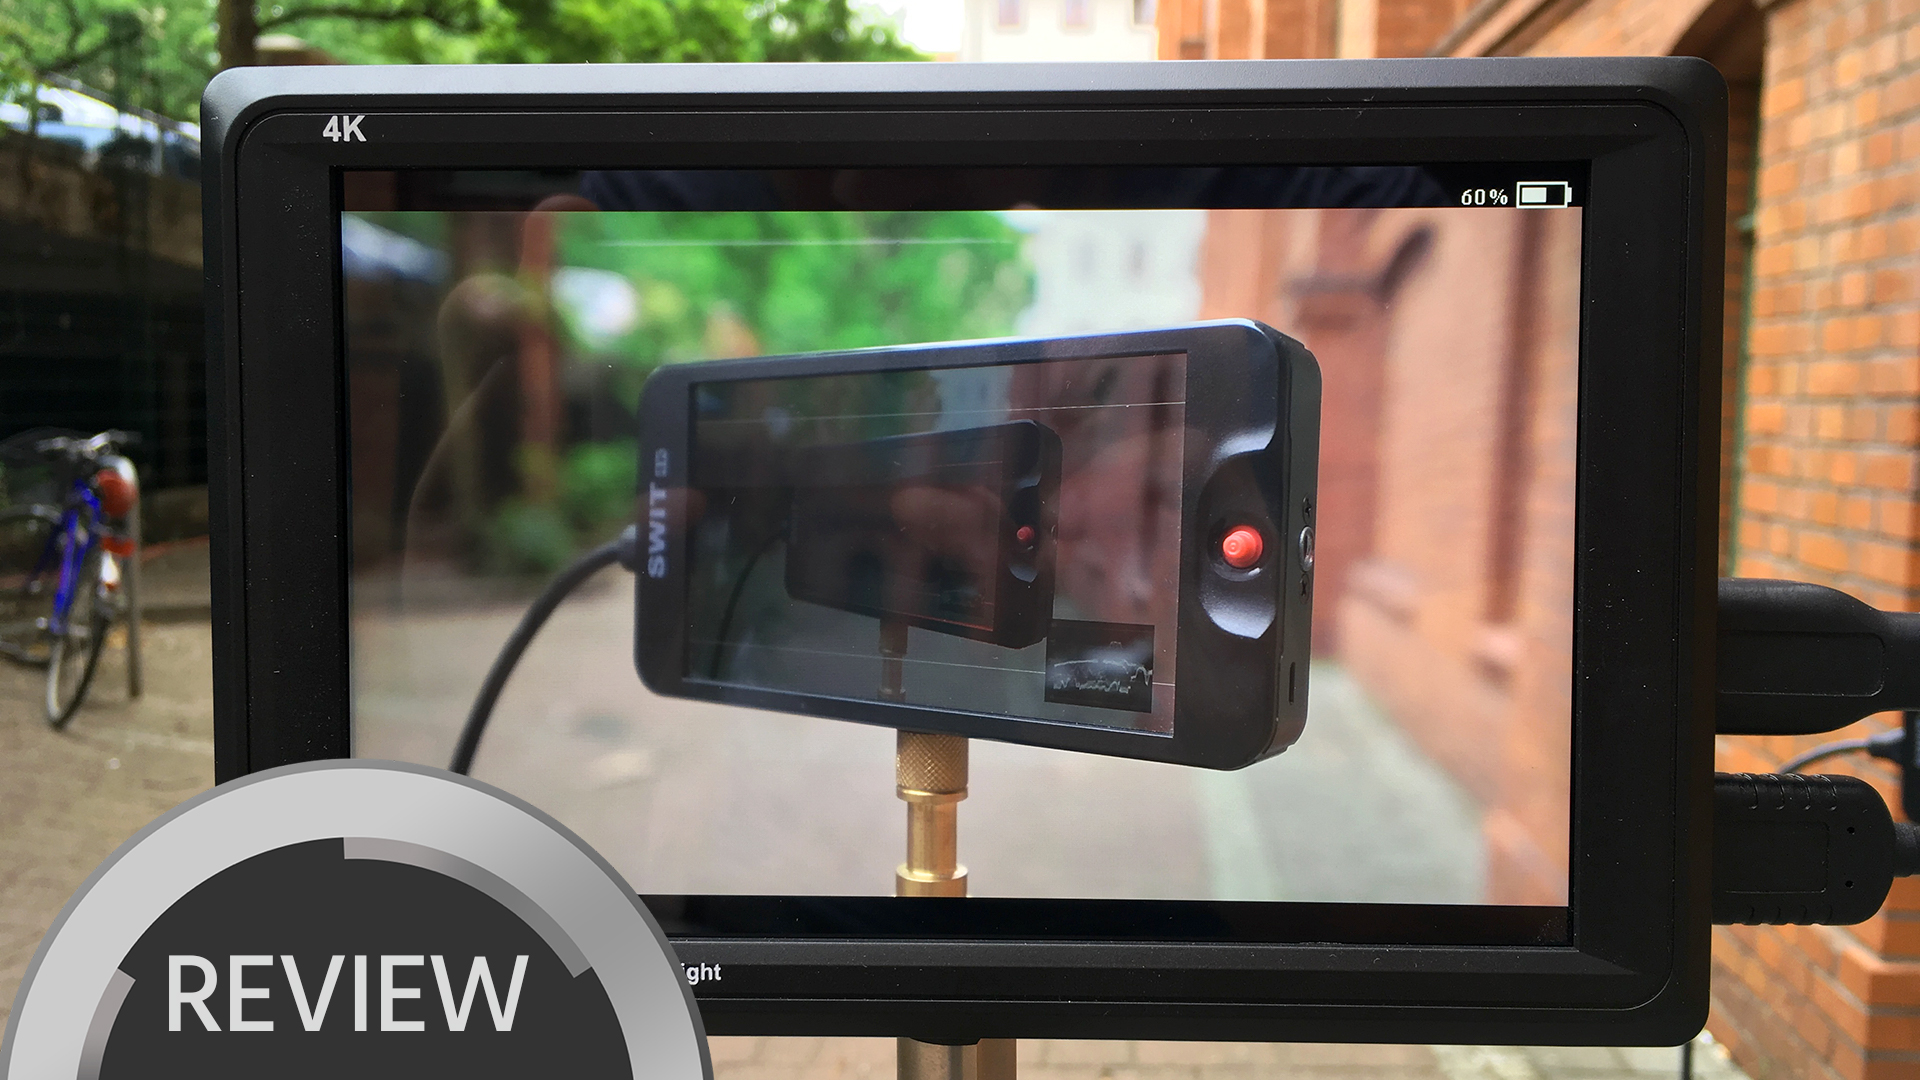 ¿Cuál es el mejor monitor por menos de $300? - FeelWorld FW279 vs SWIT CM-55c